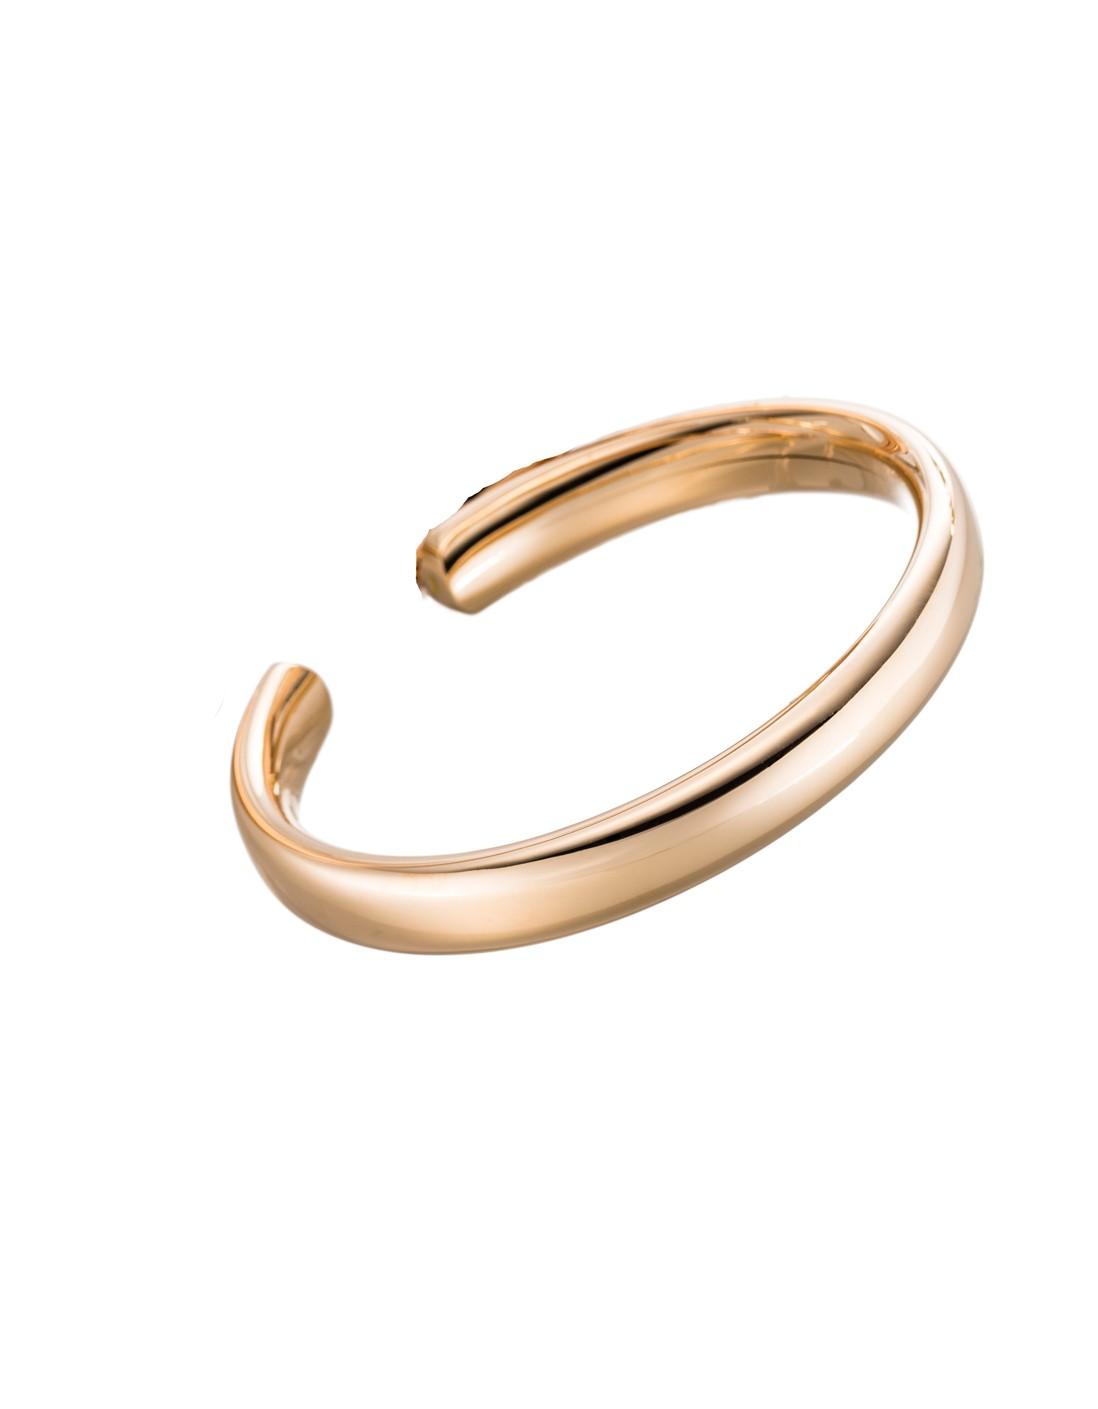 Armreif Flix Flex oval Roségold - IsabelleFa - 02130/9/59